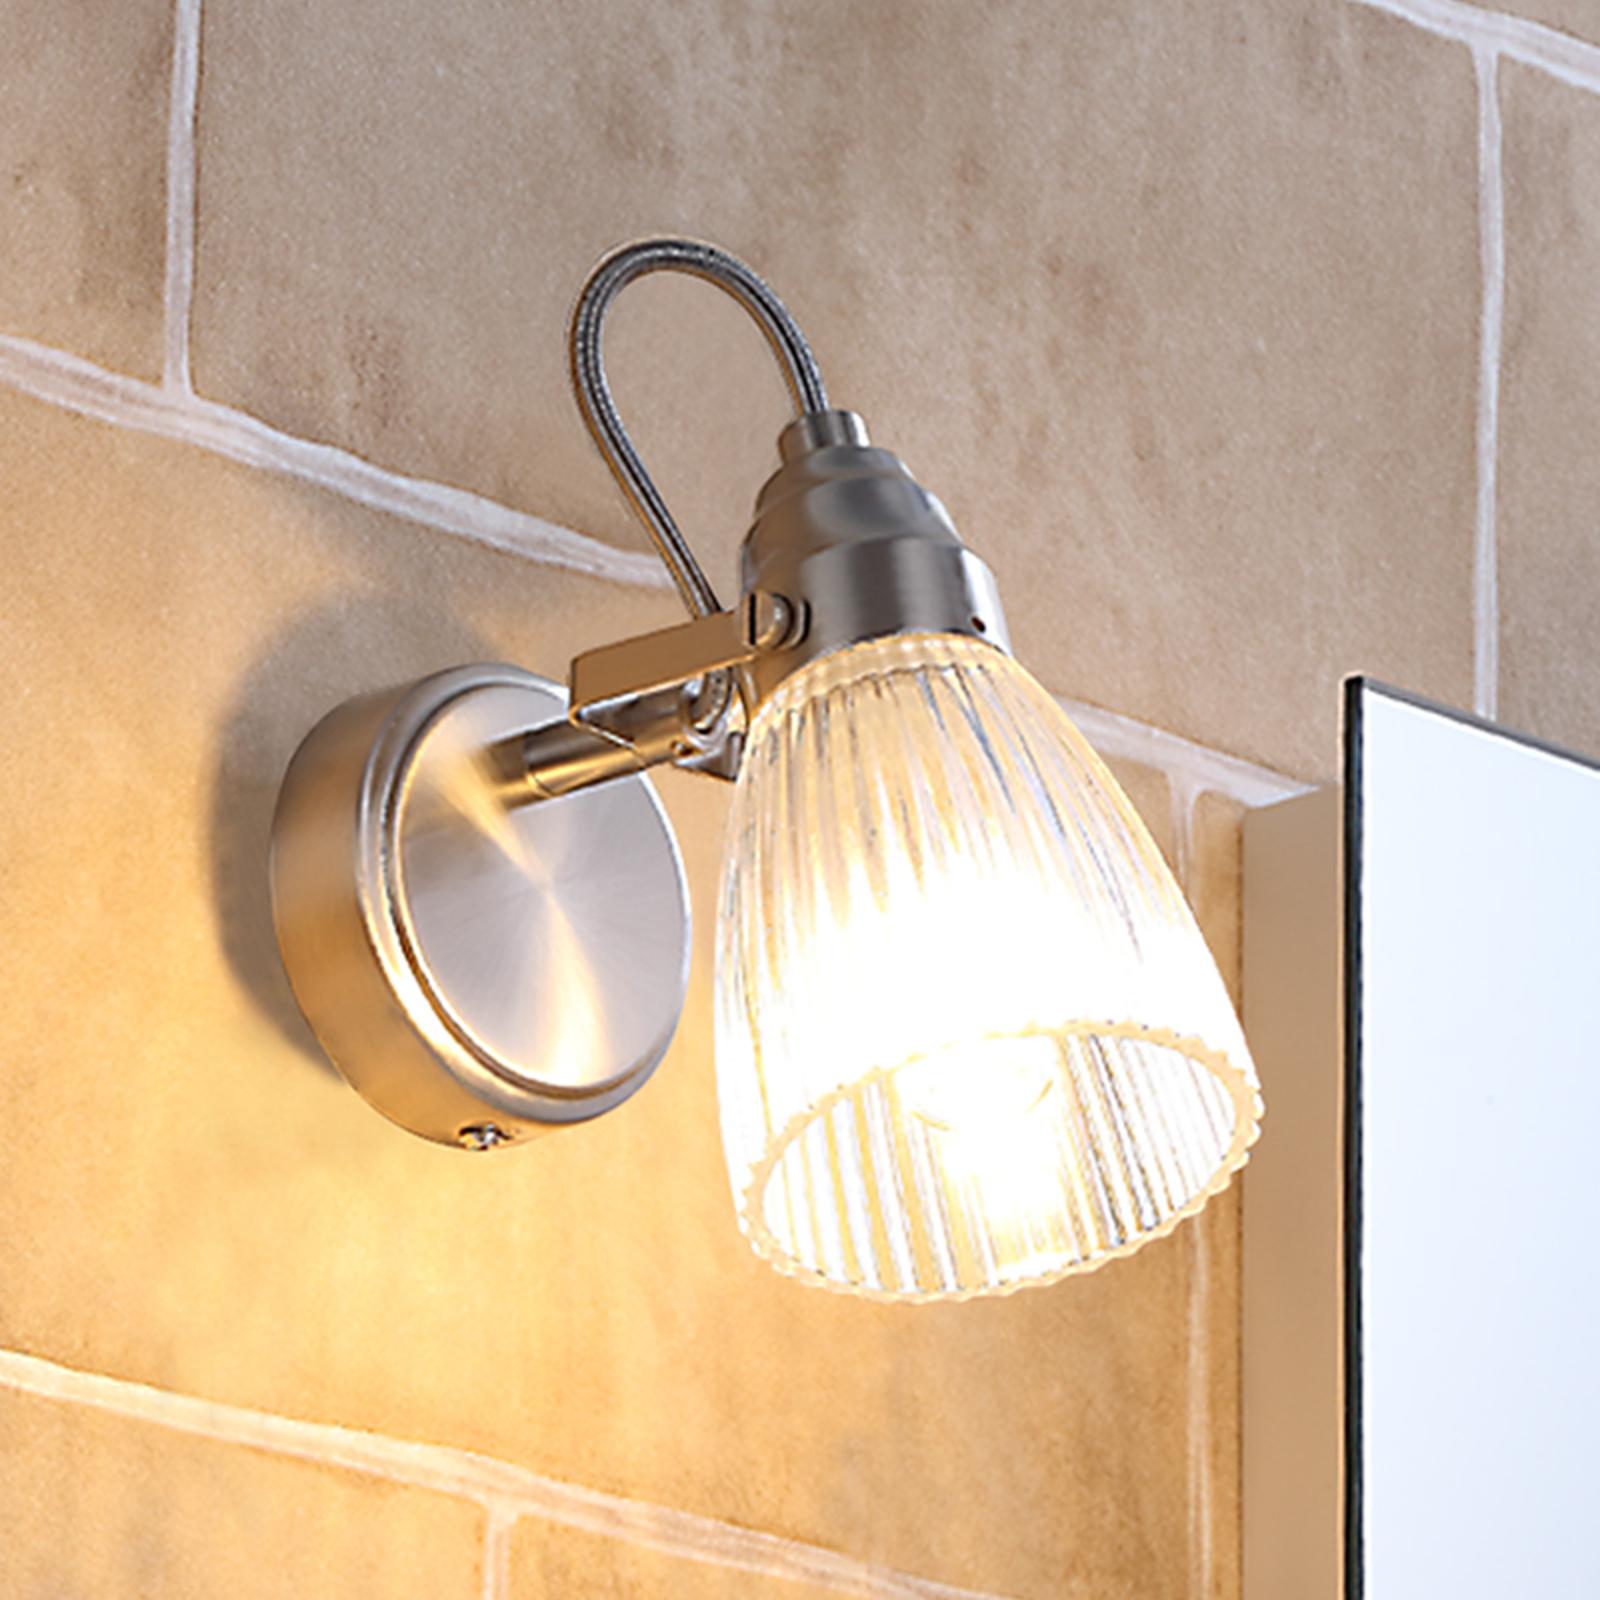 Pen badevegglampe Kara med LED-lys, IP44